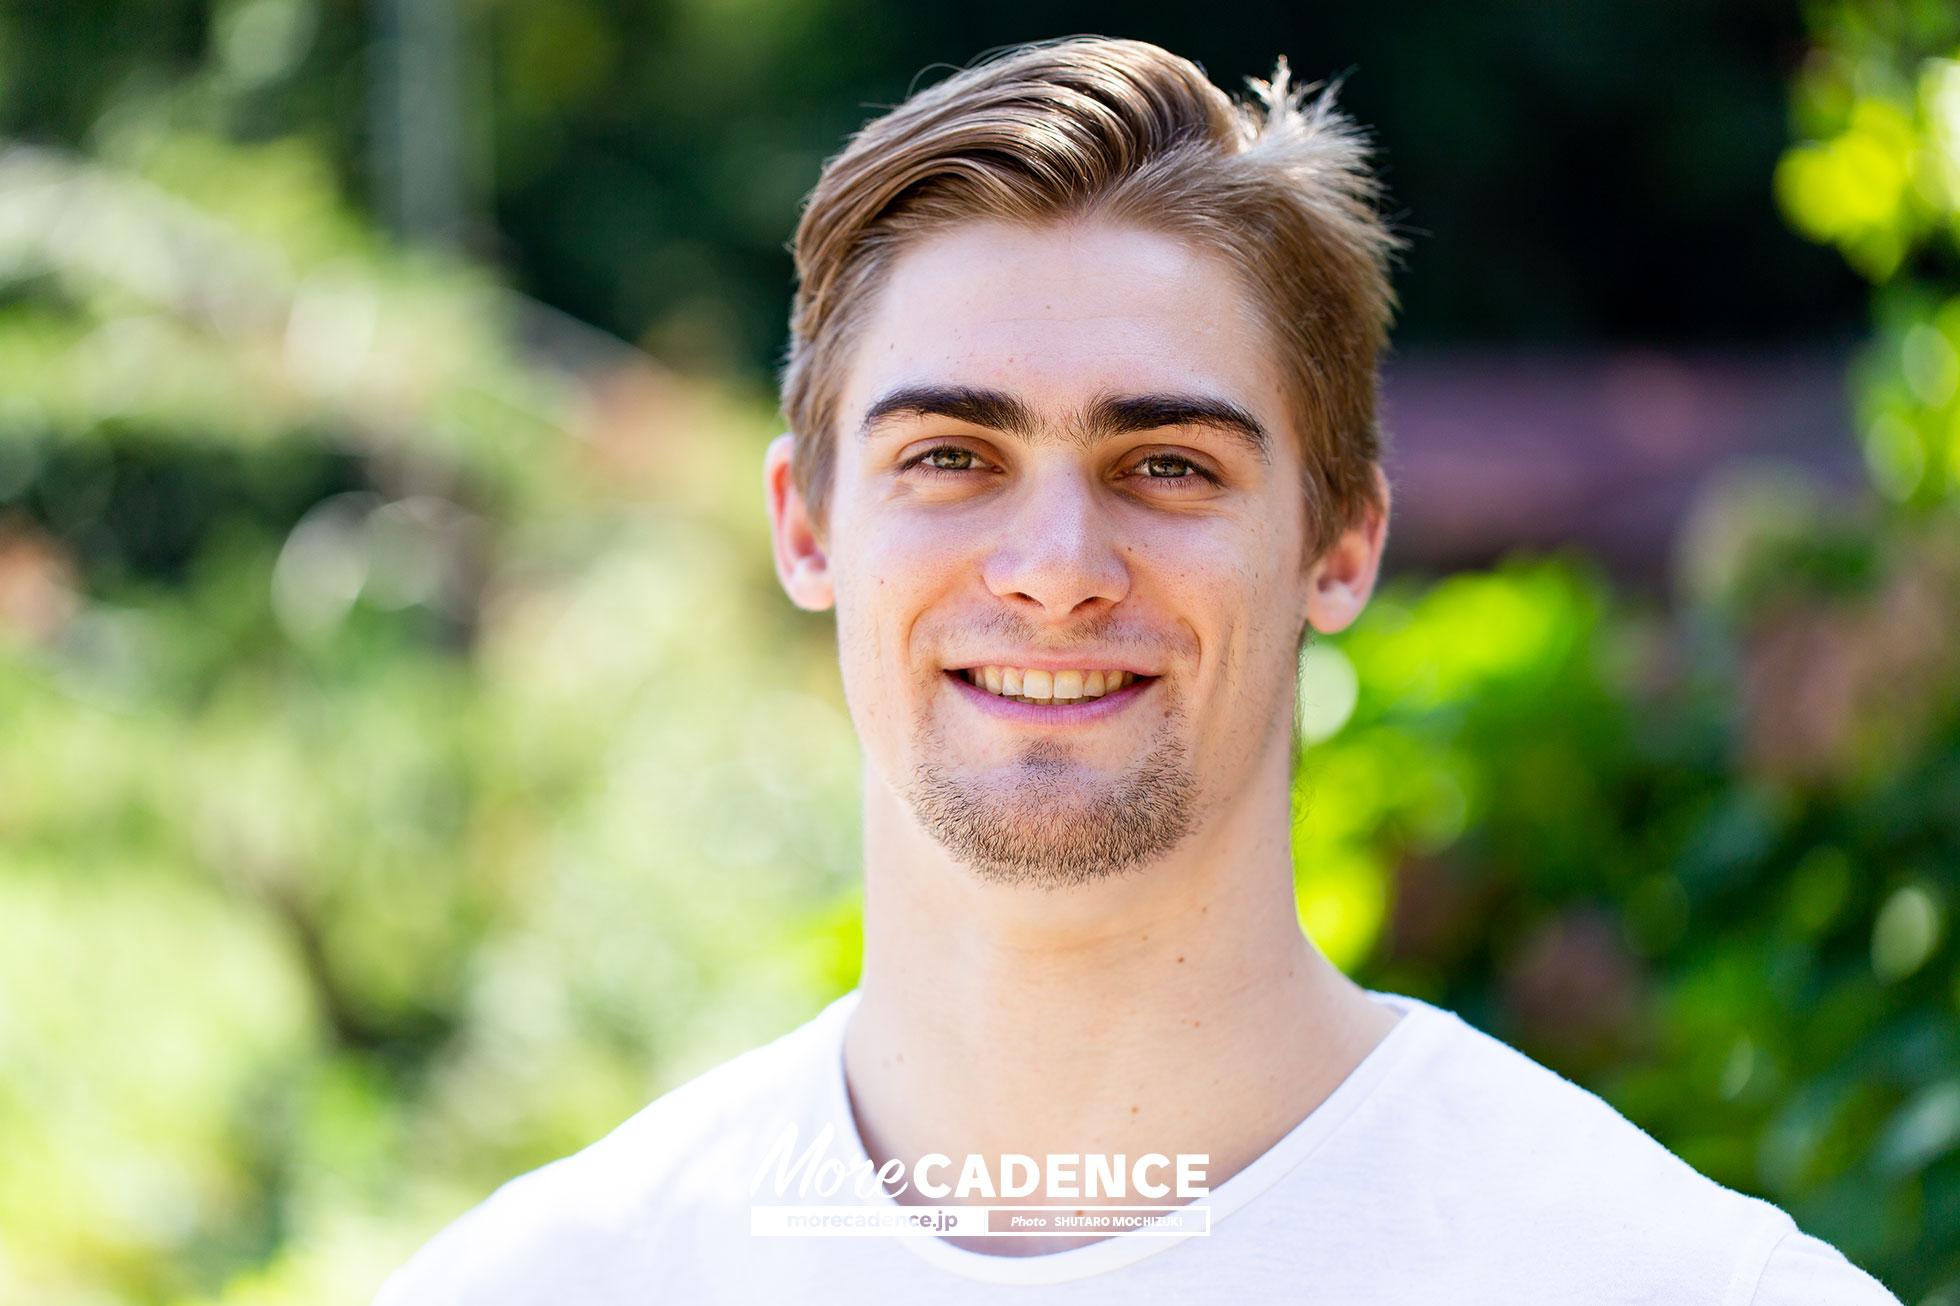 Matthew Glaezer